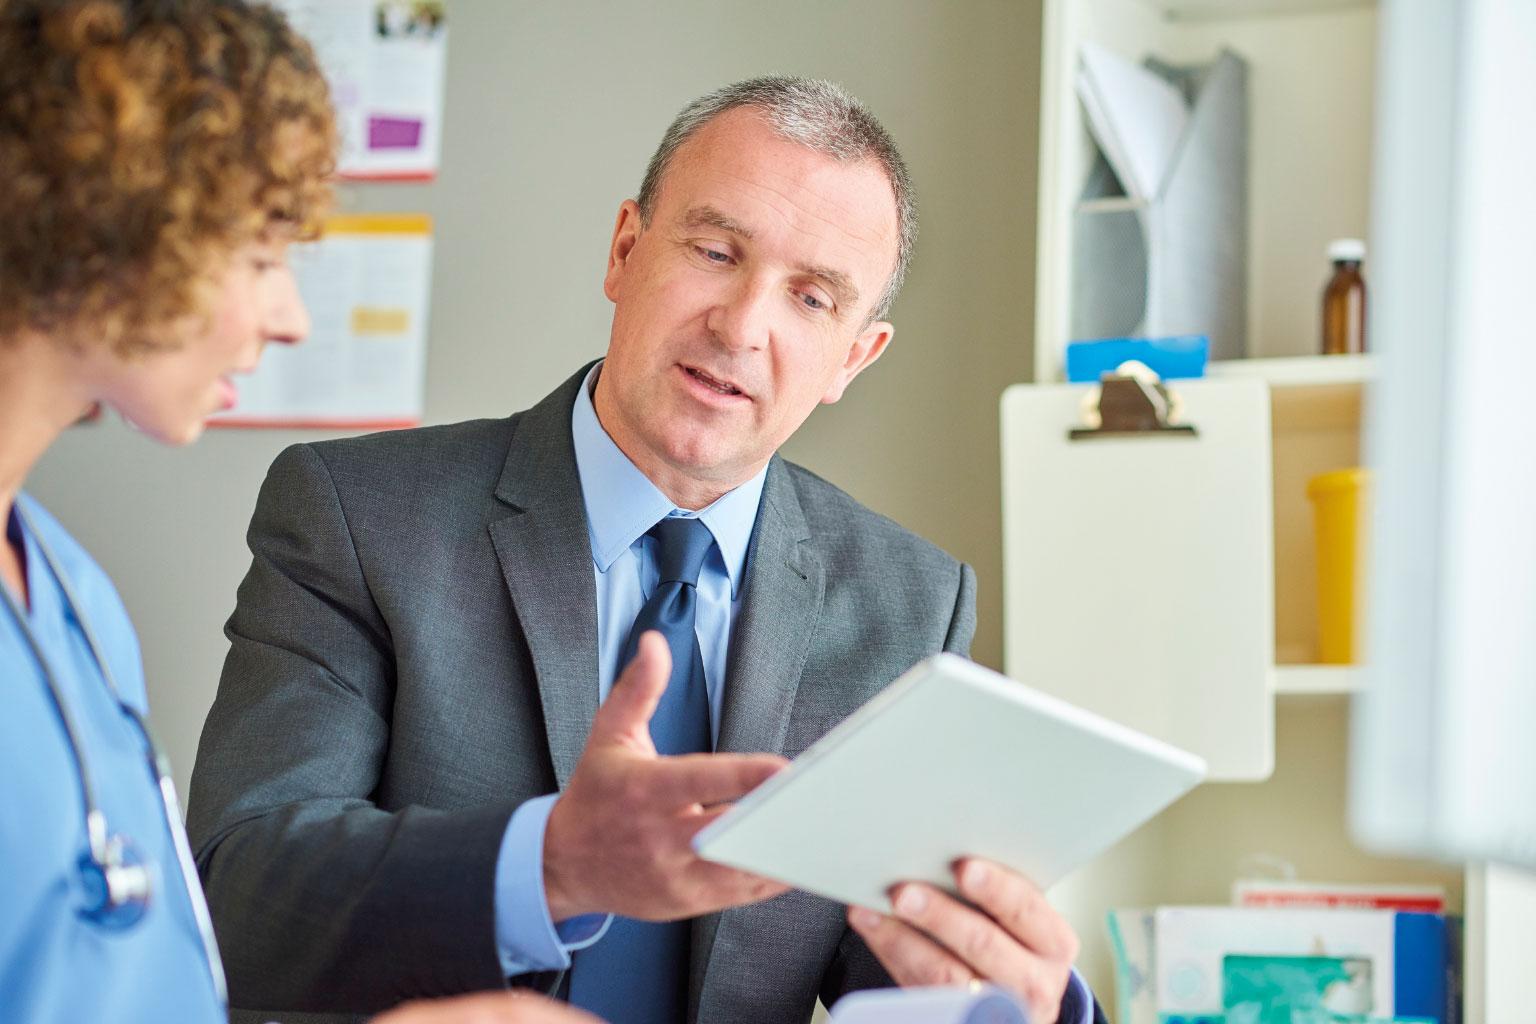 Dyrektor szpitala rozmawia z lekarką o LEX